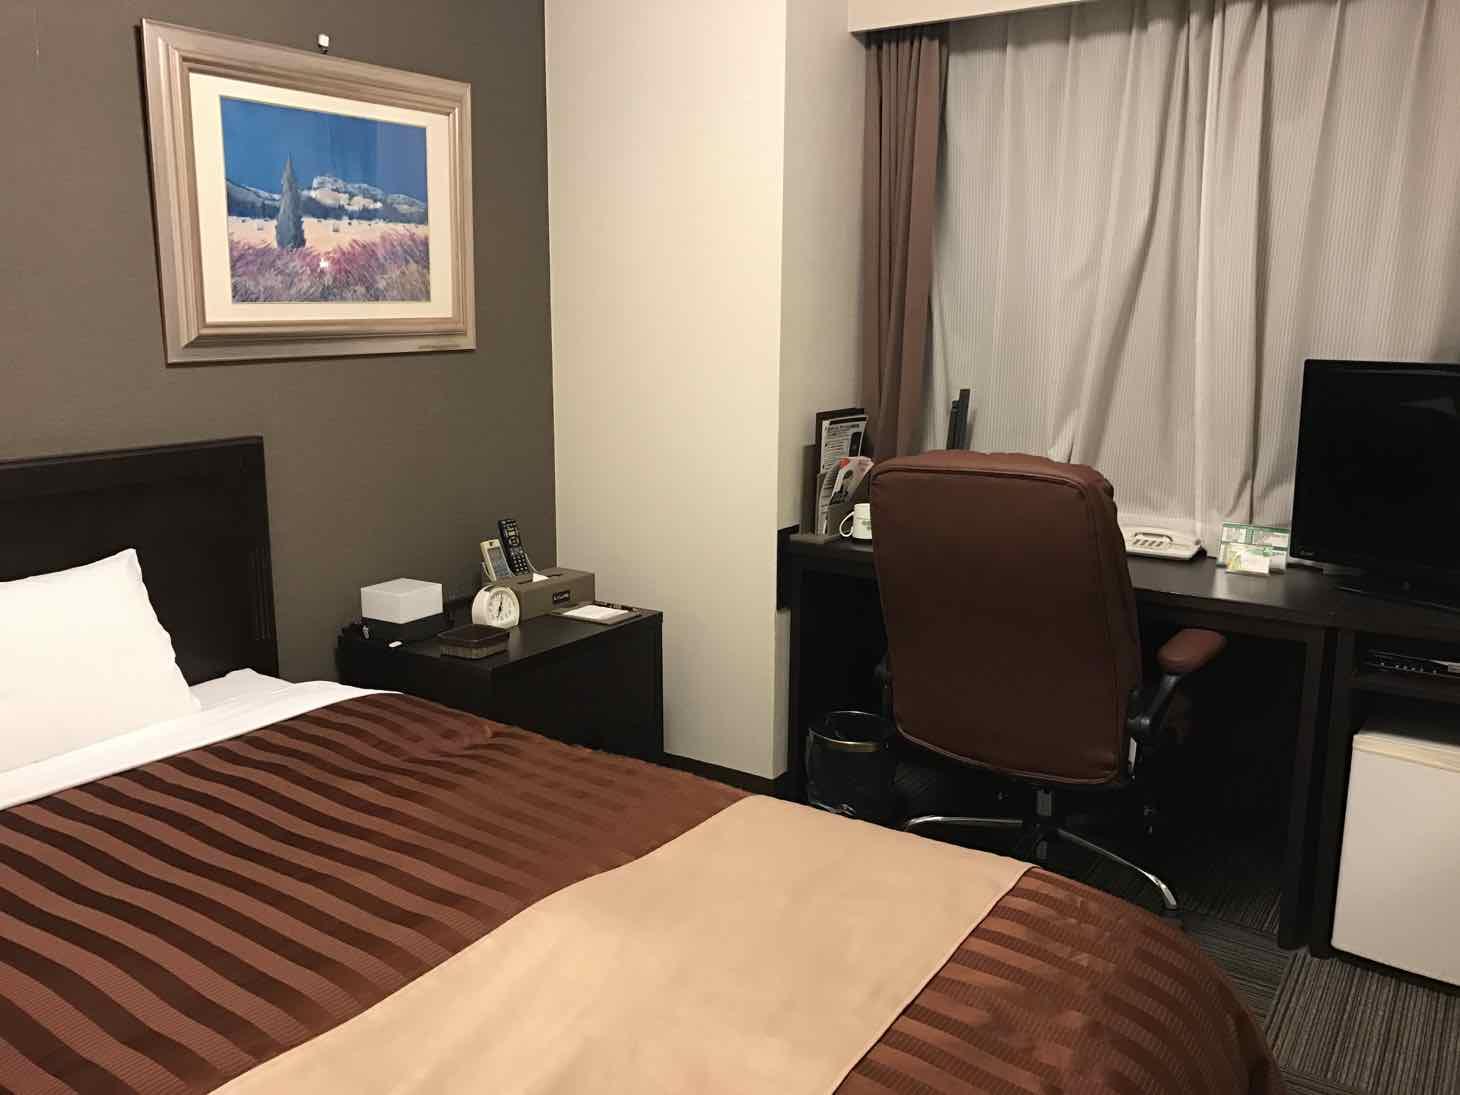 ホテルシーラックパル焼津